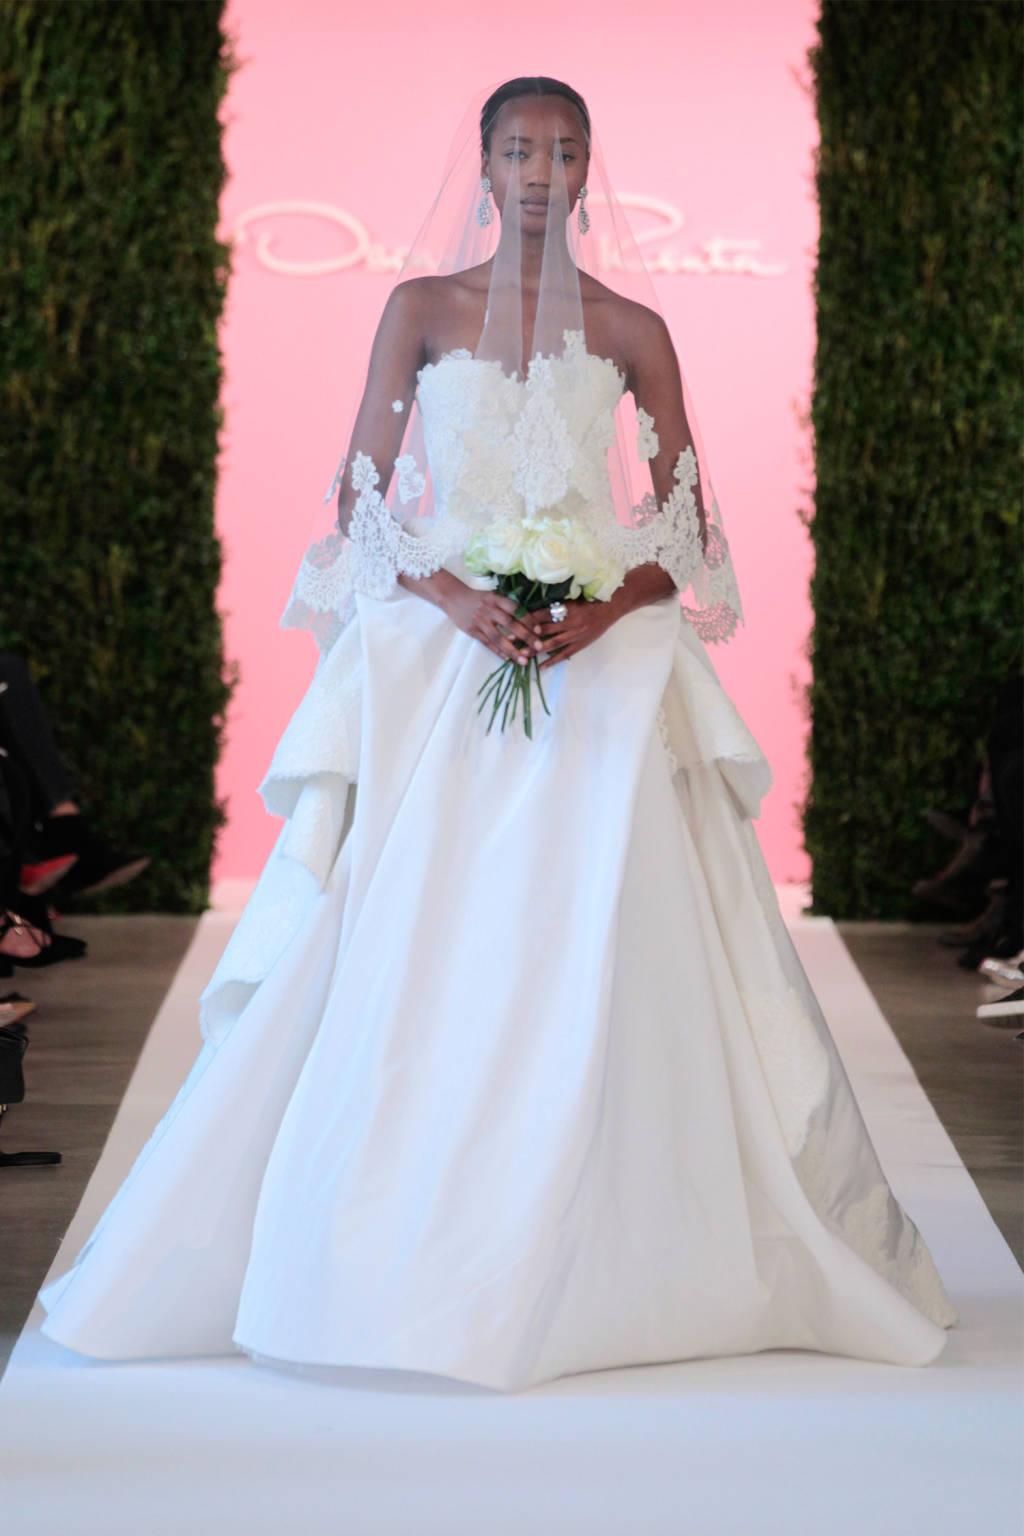 Phần vạt váy thiết kế kiểu xếp vải cầu kỳ là điểm nhấn của chiếc váy đặc sắc này.